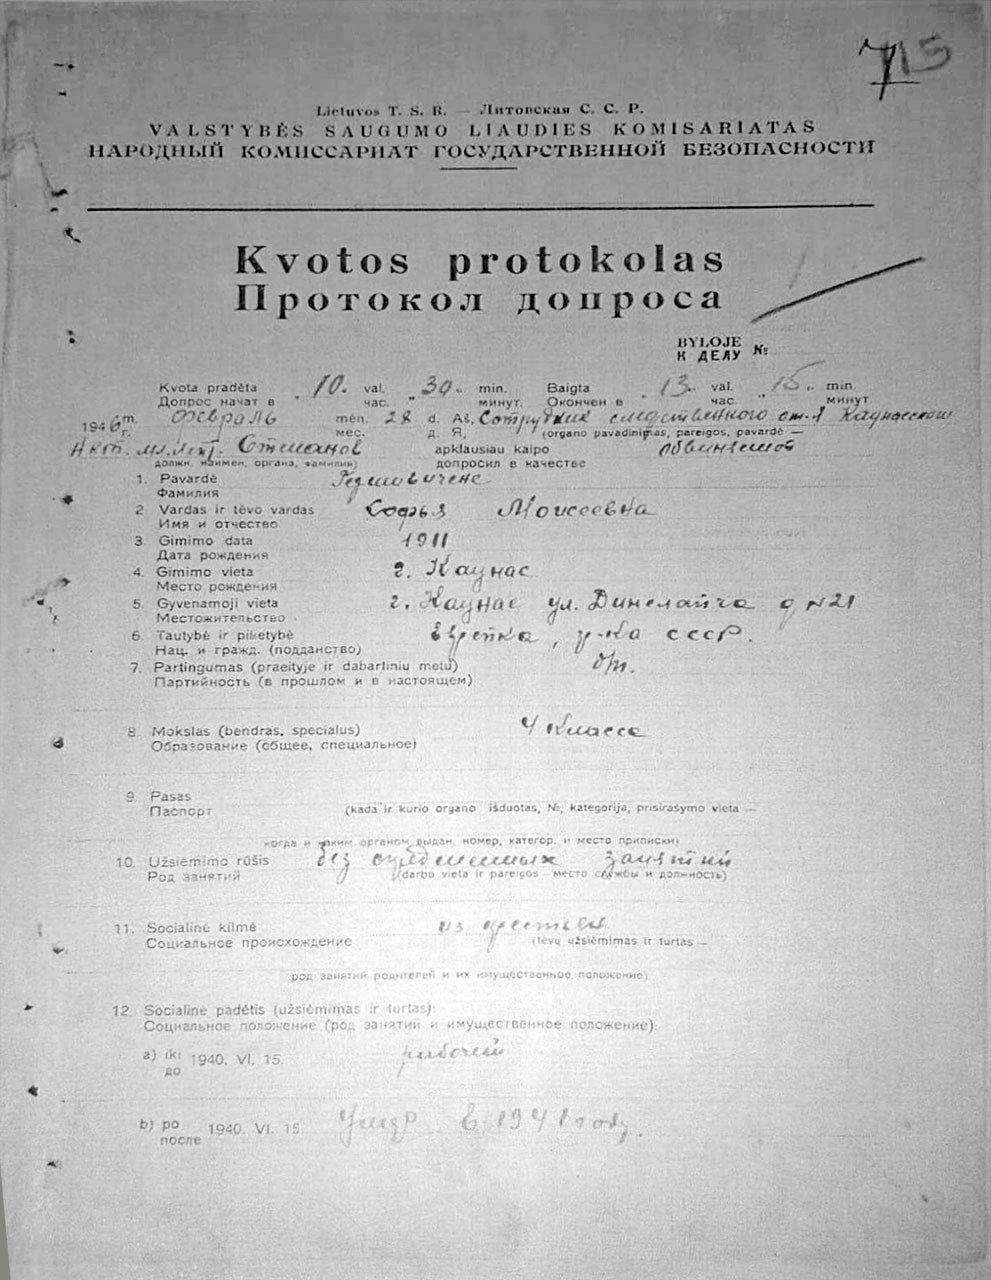 Протокол допроса. Из архива семьи Гиршовичене.